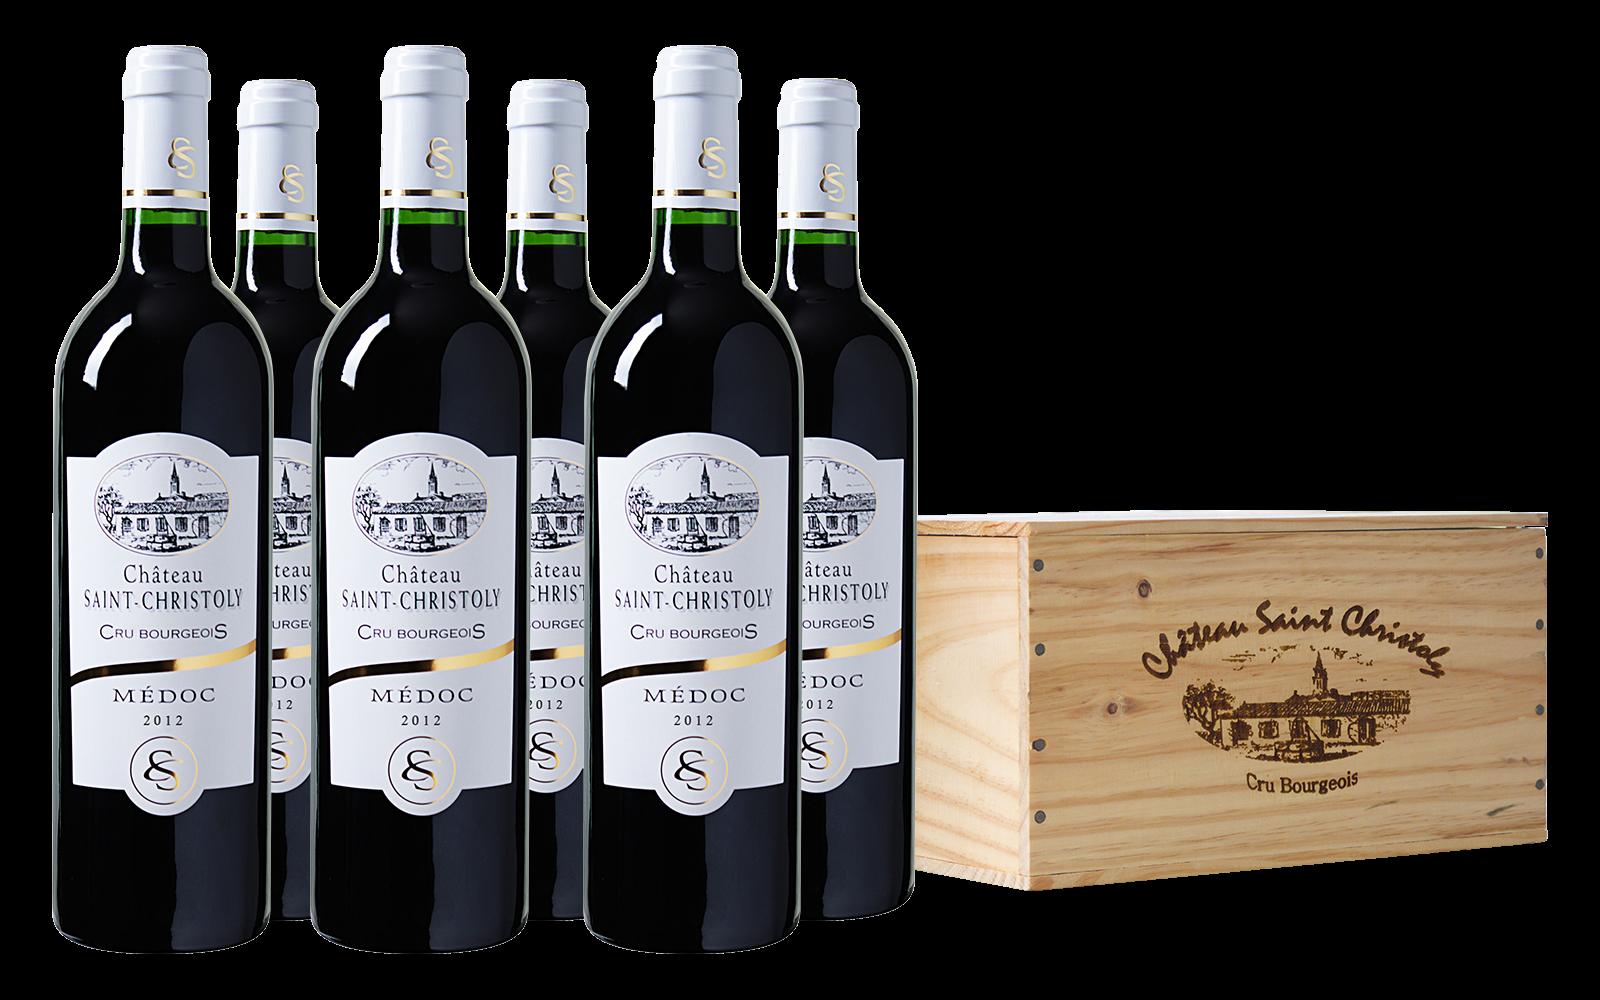 Ch�teau Saint Christoly Cru M�doc Bordeaux